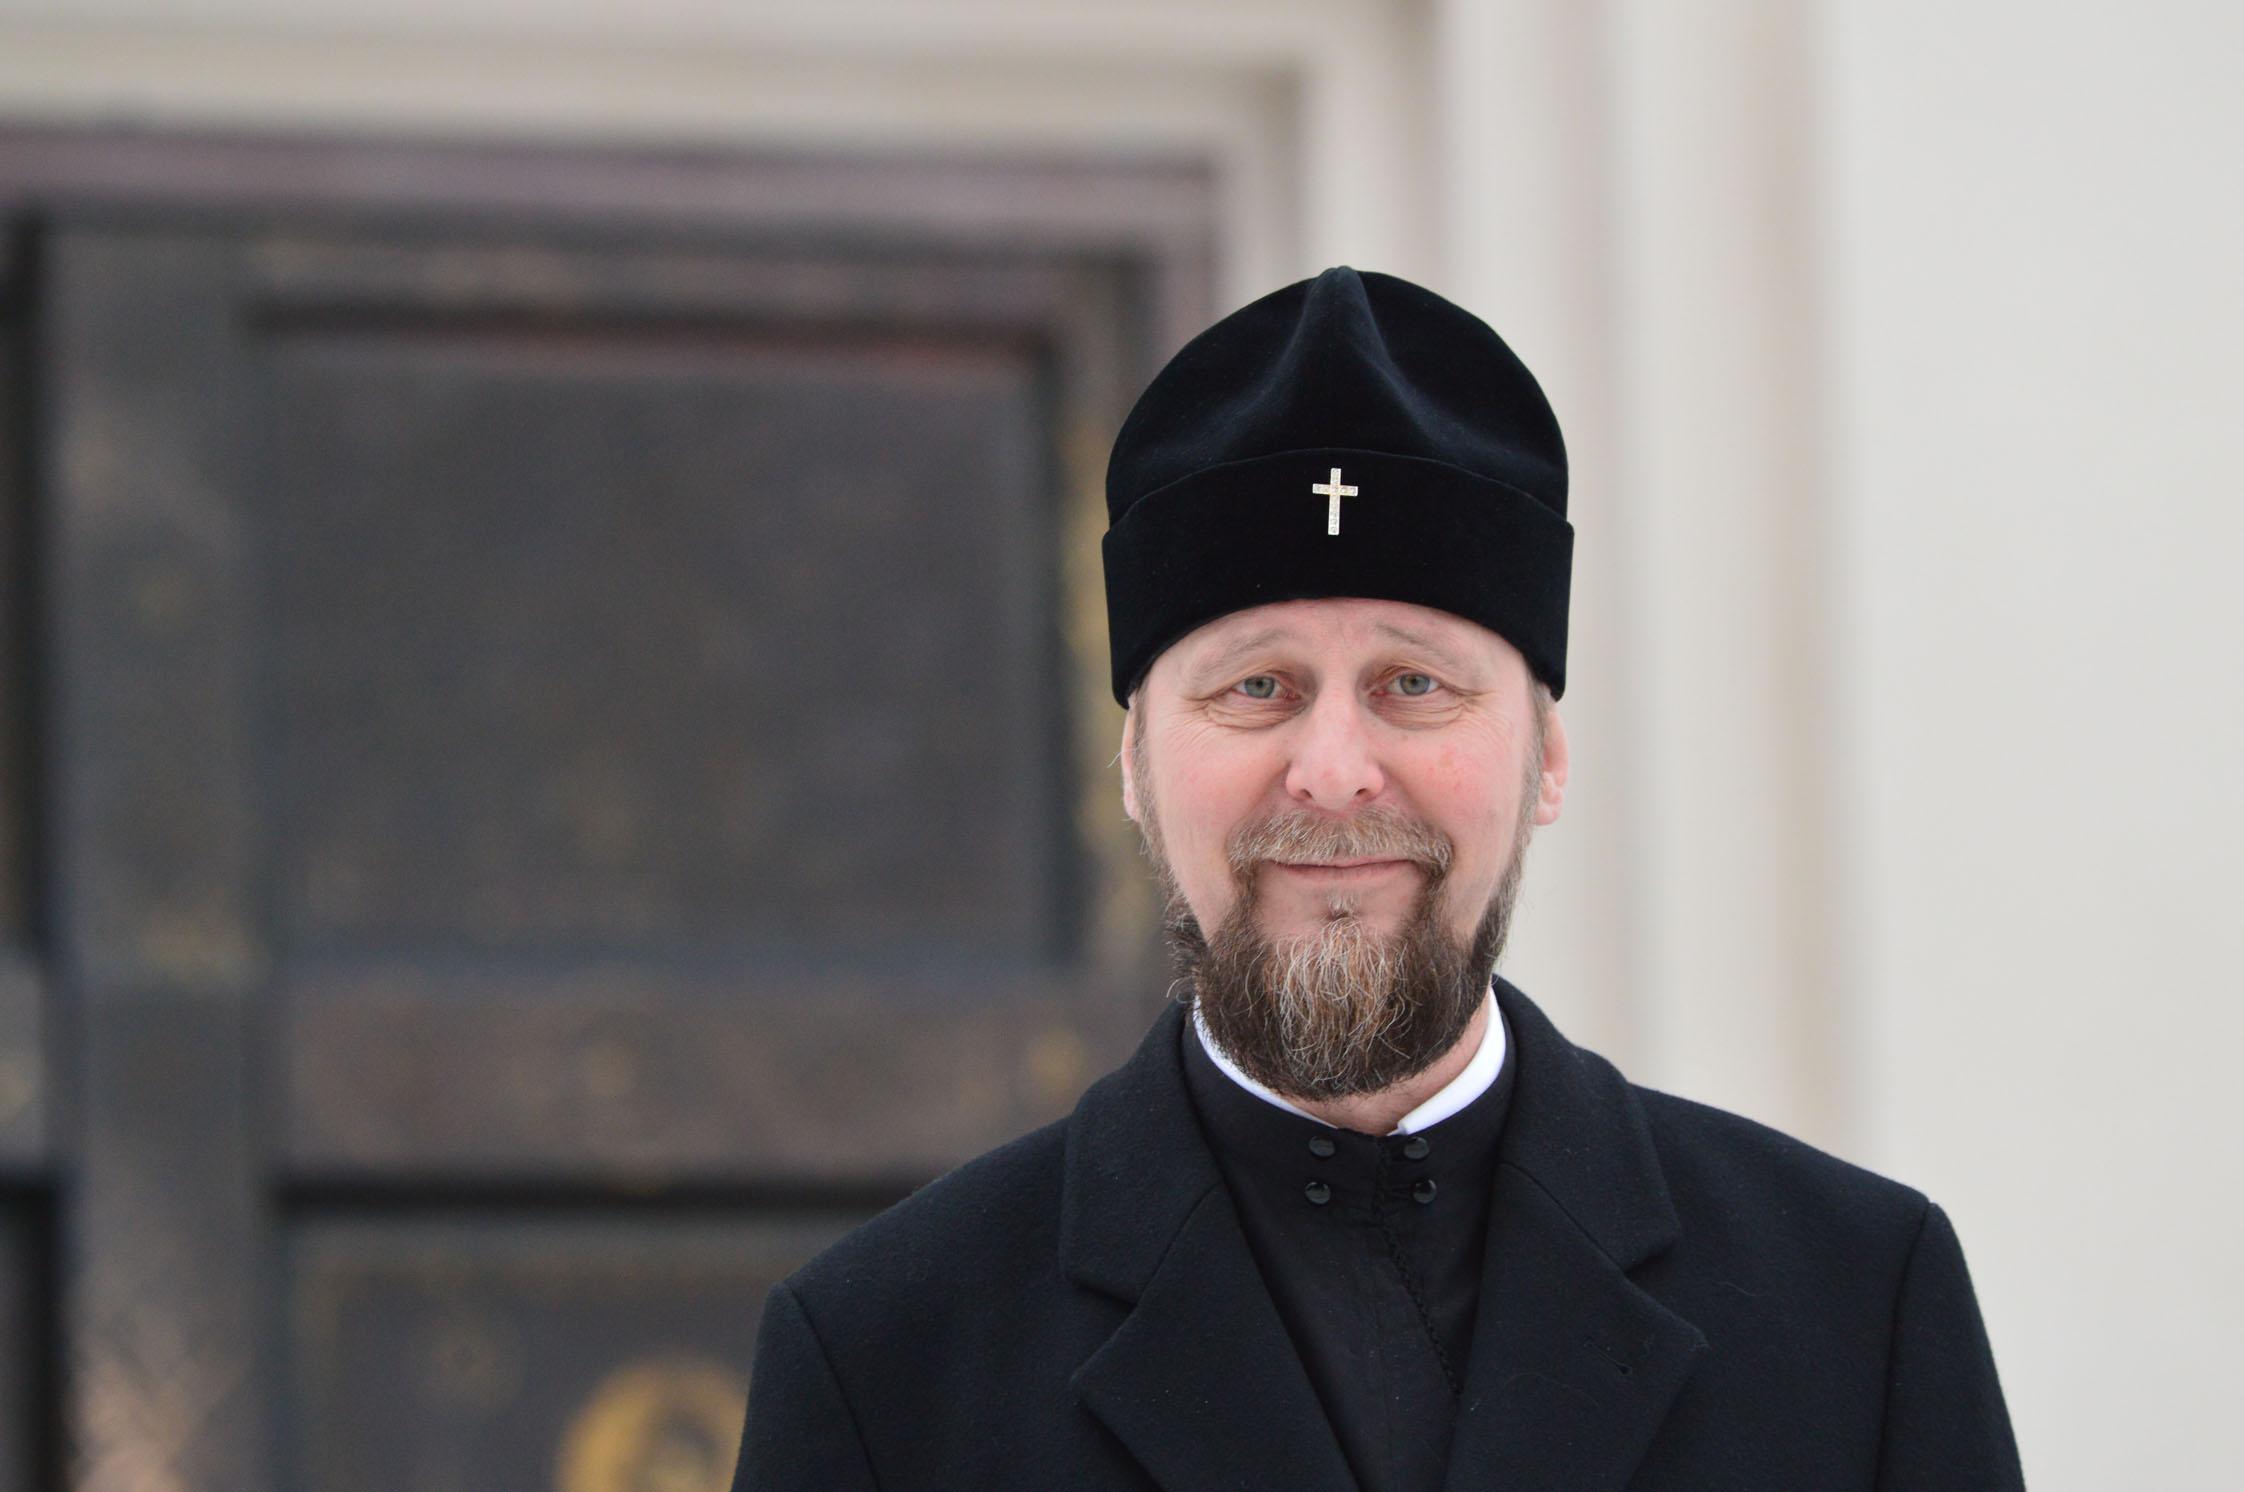 Арсений, епископ Йоэнсуу